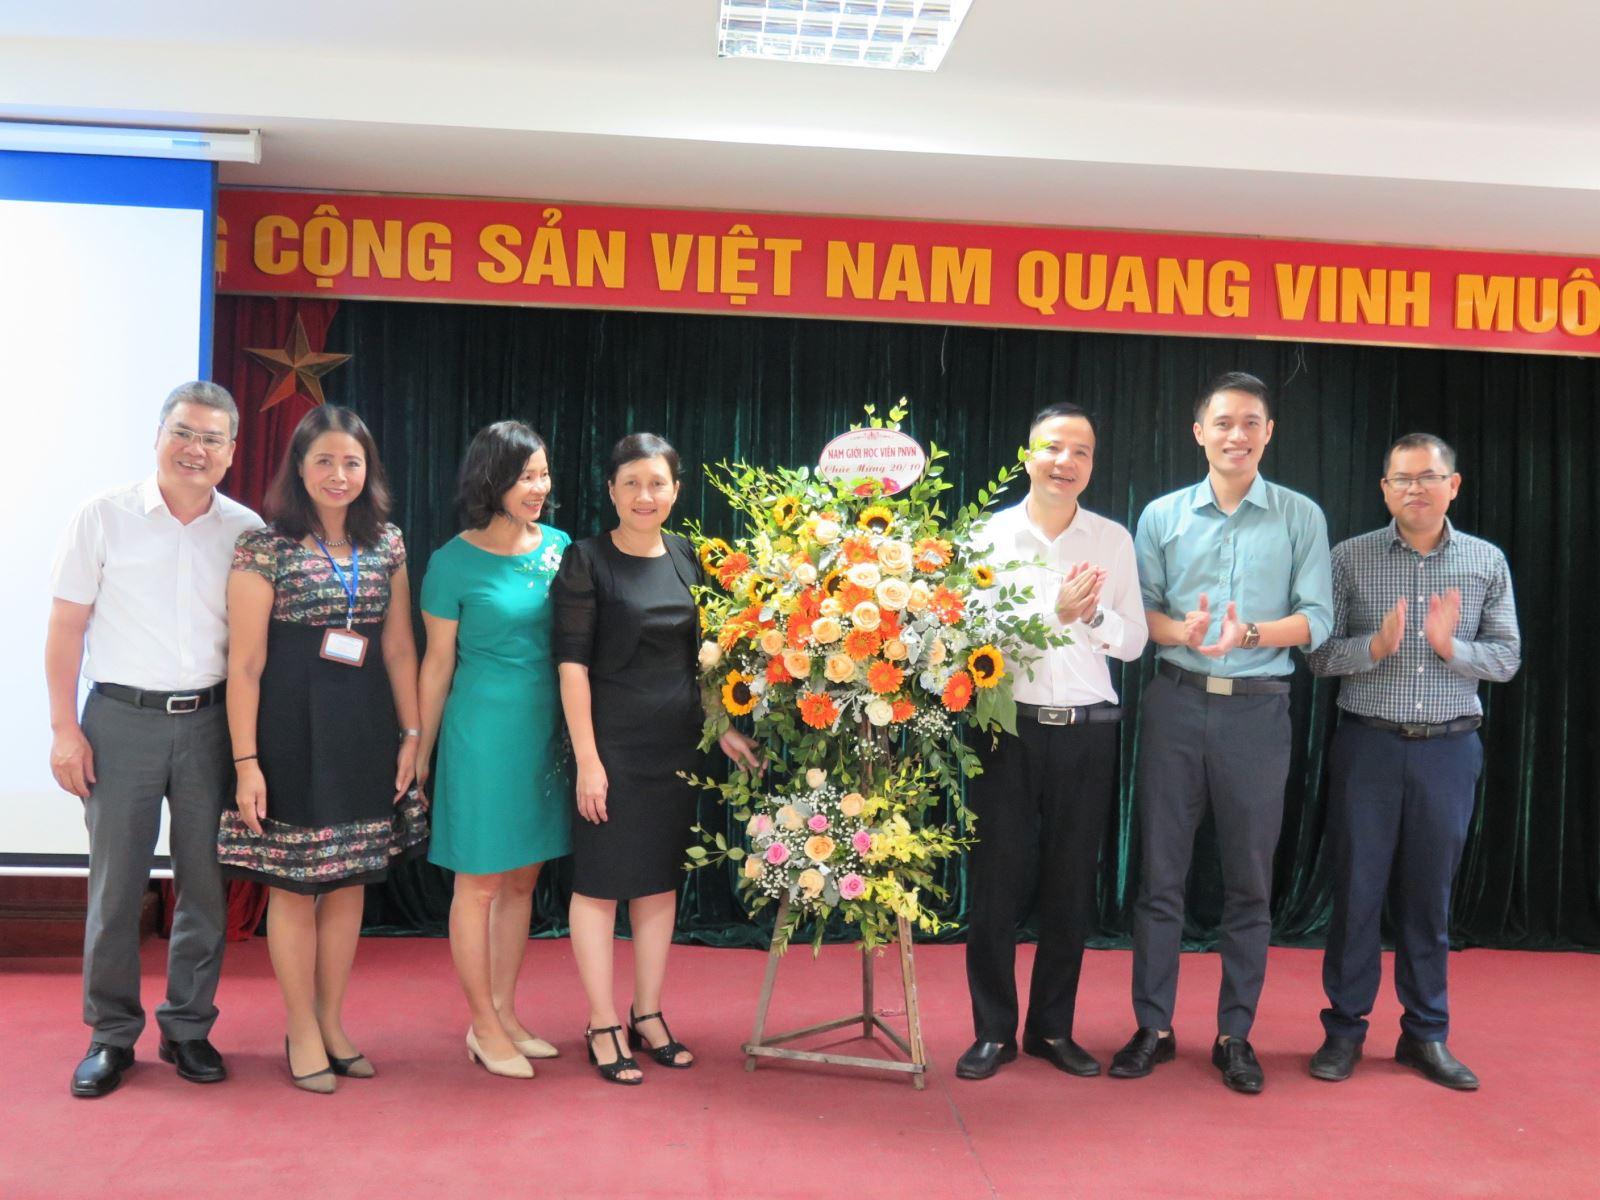 Học viện Phụ nữ Việt Nam chúc mừng ngày Phụ nữ Việt Nam 20/10